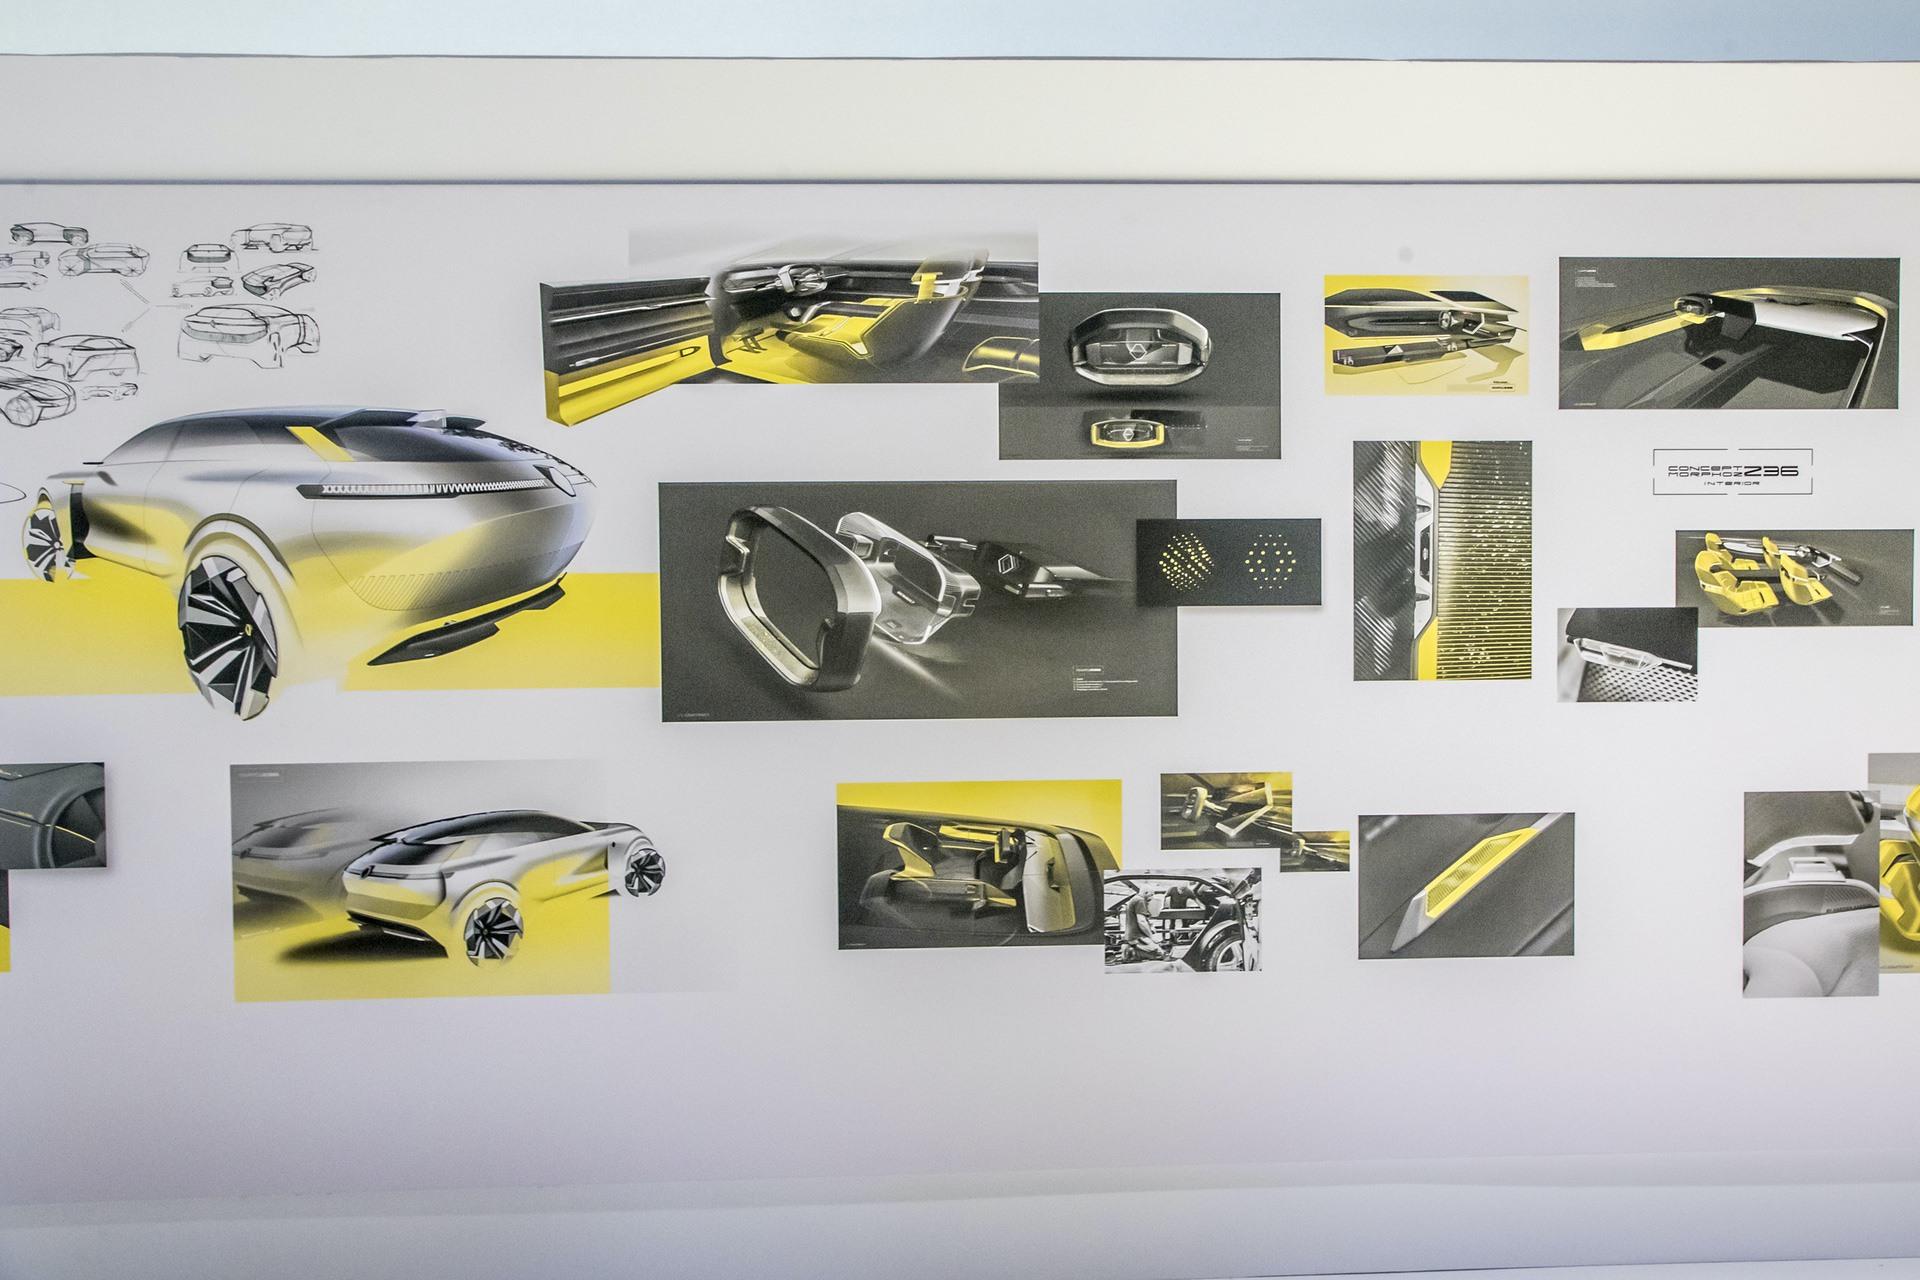 Renault_Morphoz_concept_0160